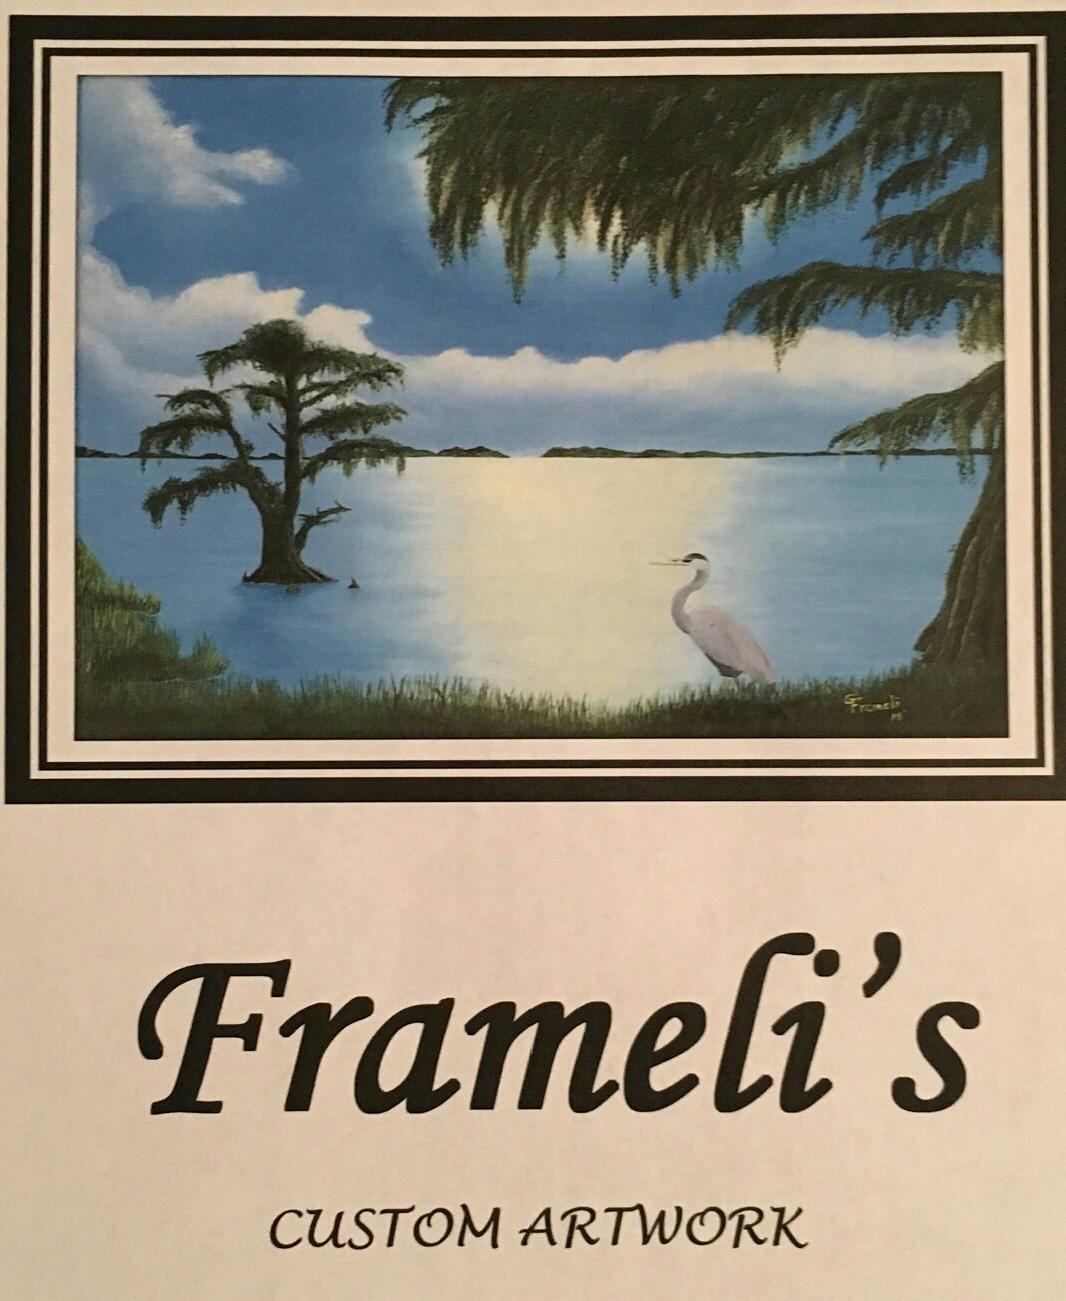 framelis-custom-artwork